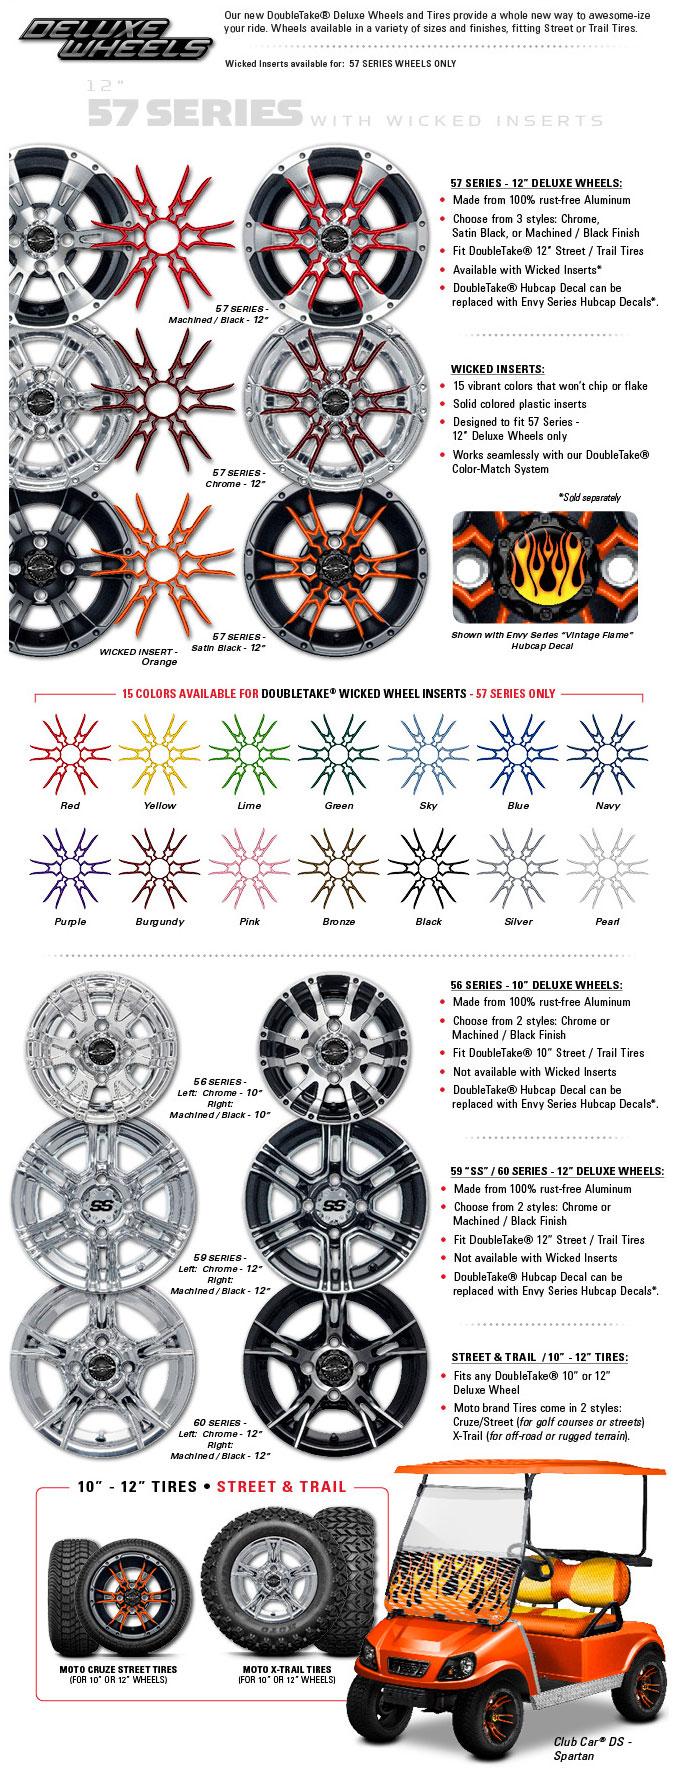 Golf Cart Deluxe Wheels